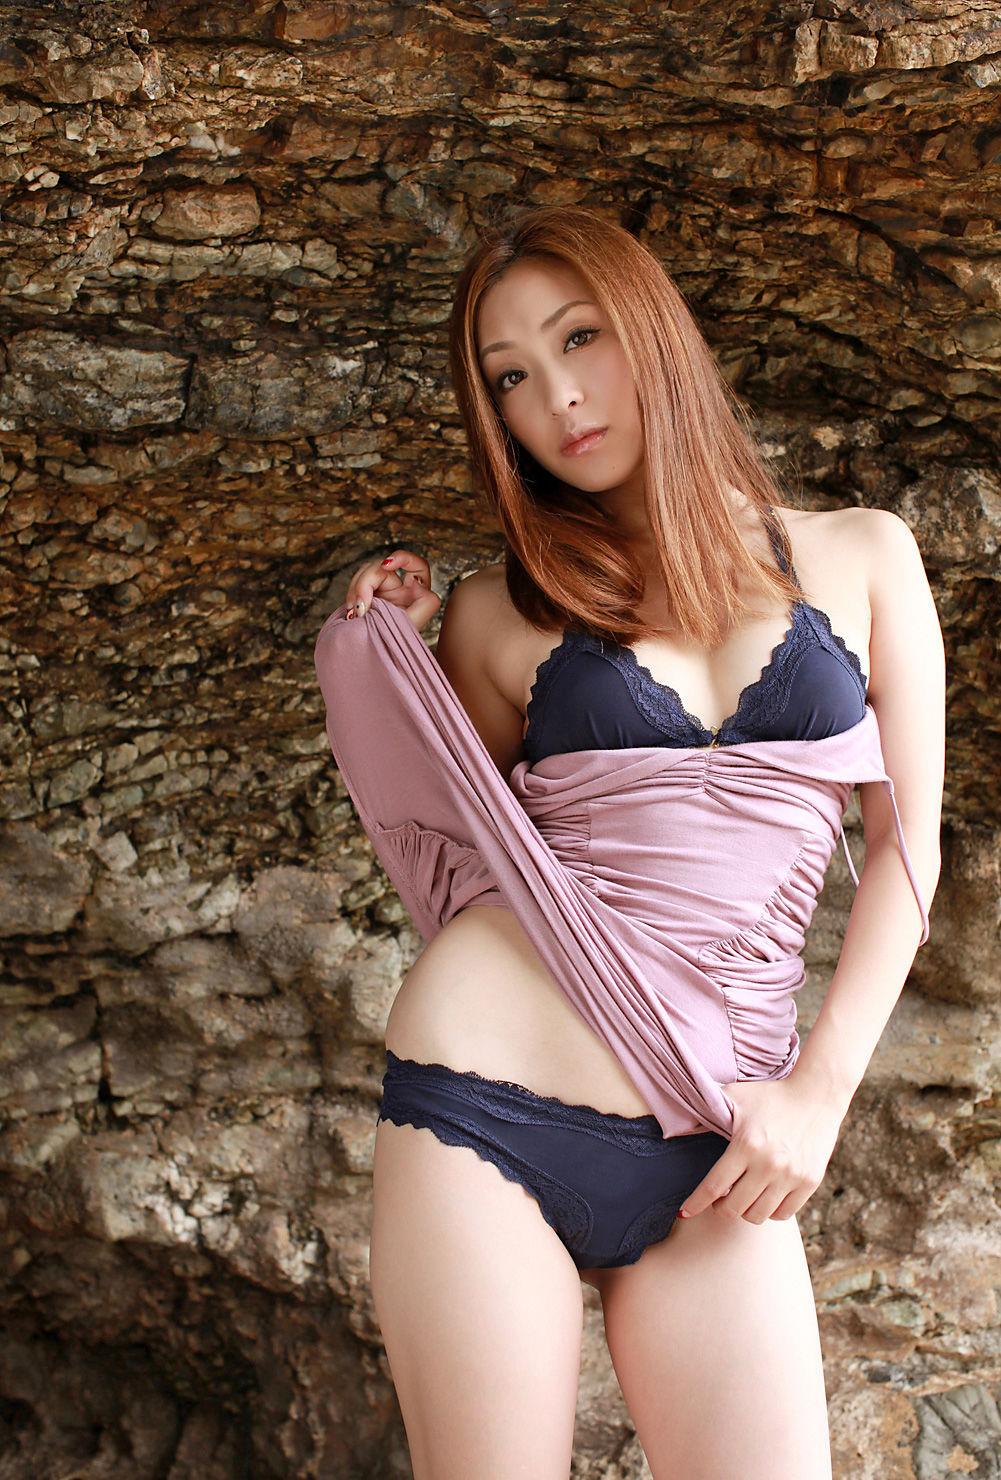 辰巳奈都子 画像 43